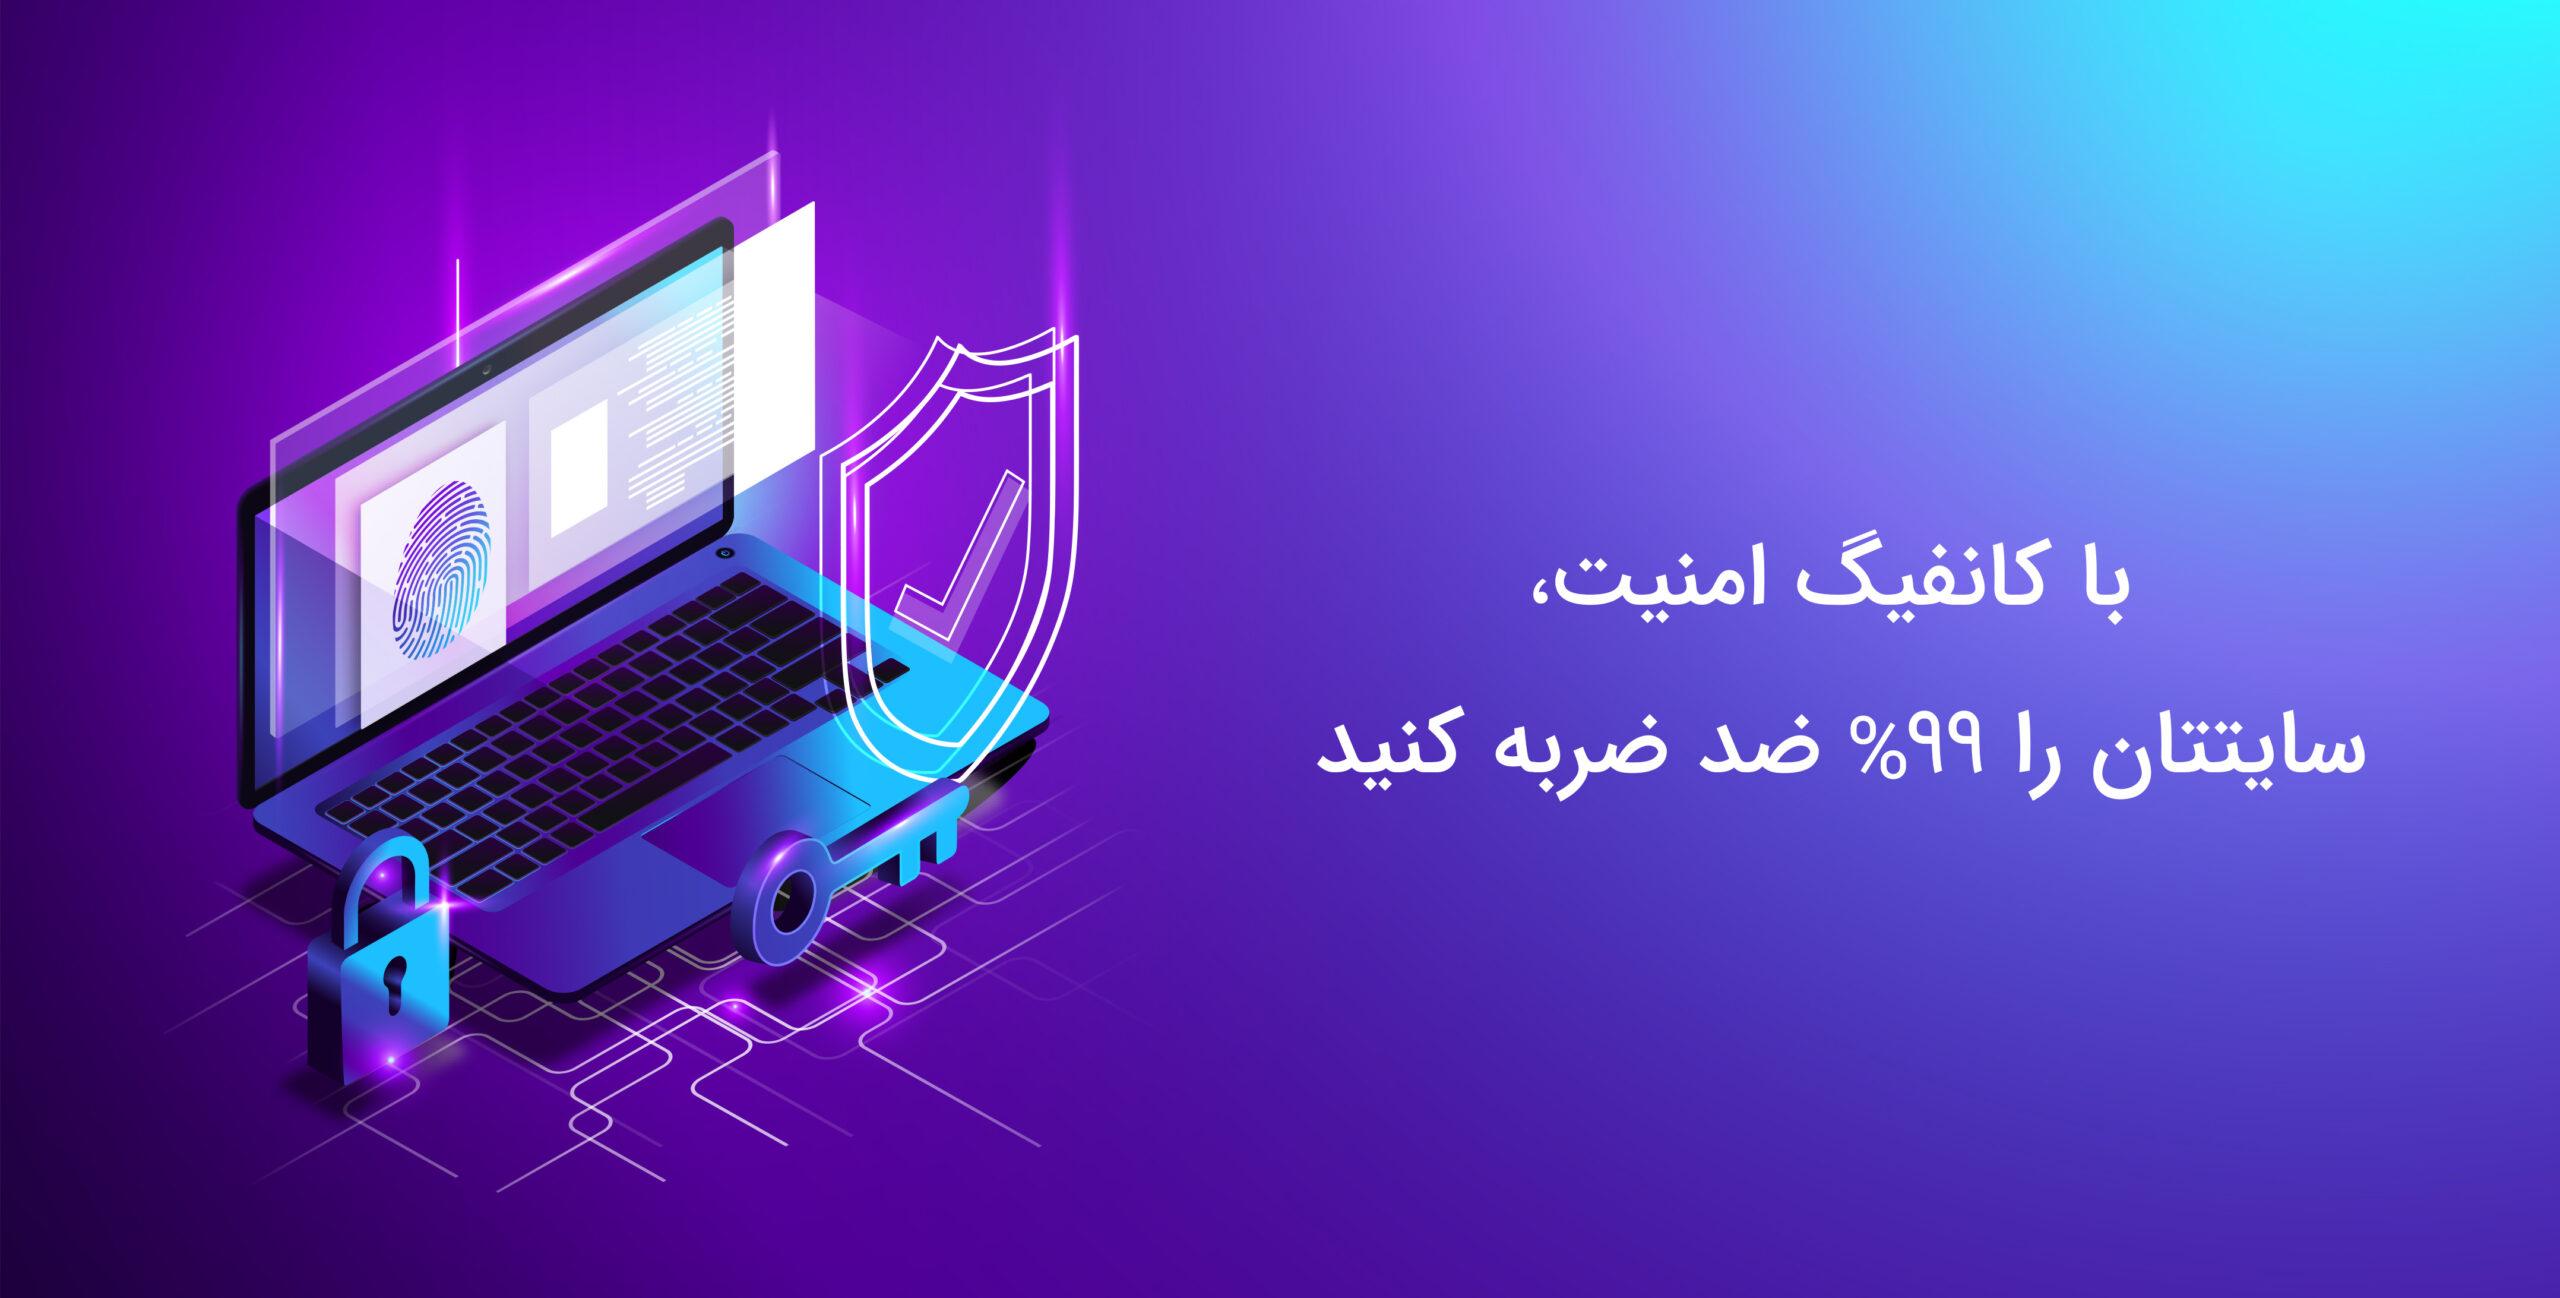 کانفیگ افزایش امنیت سایت وردپرس و پاکسازی سایت آلوده